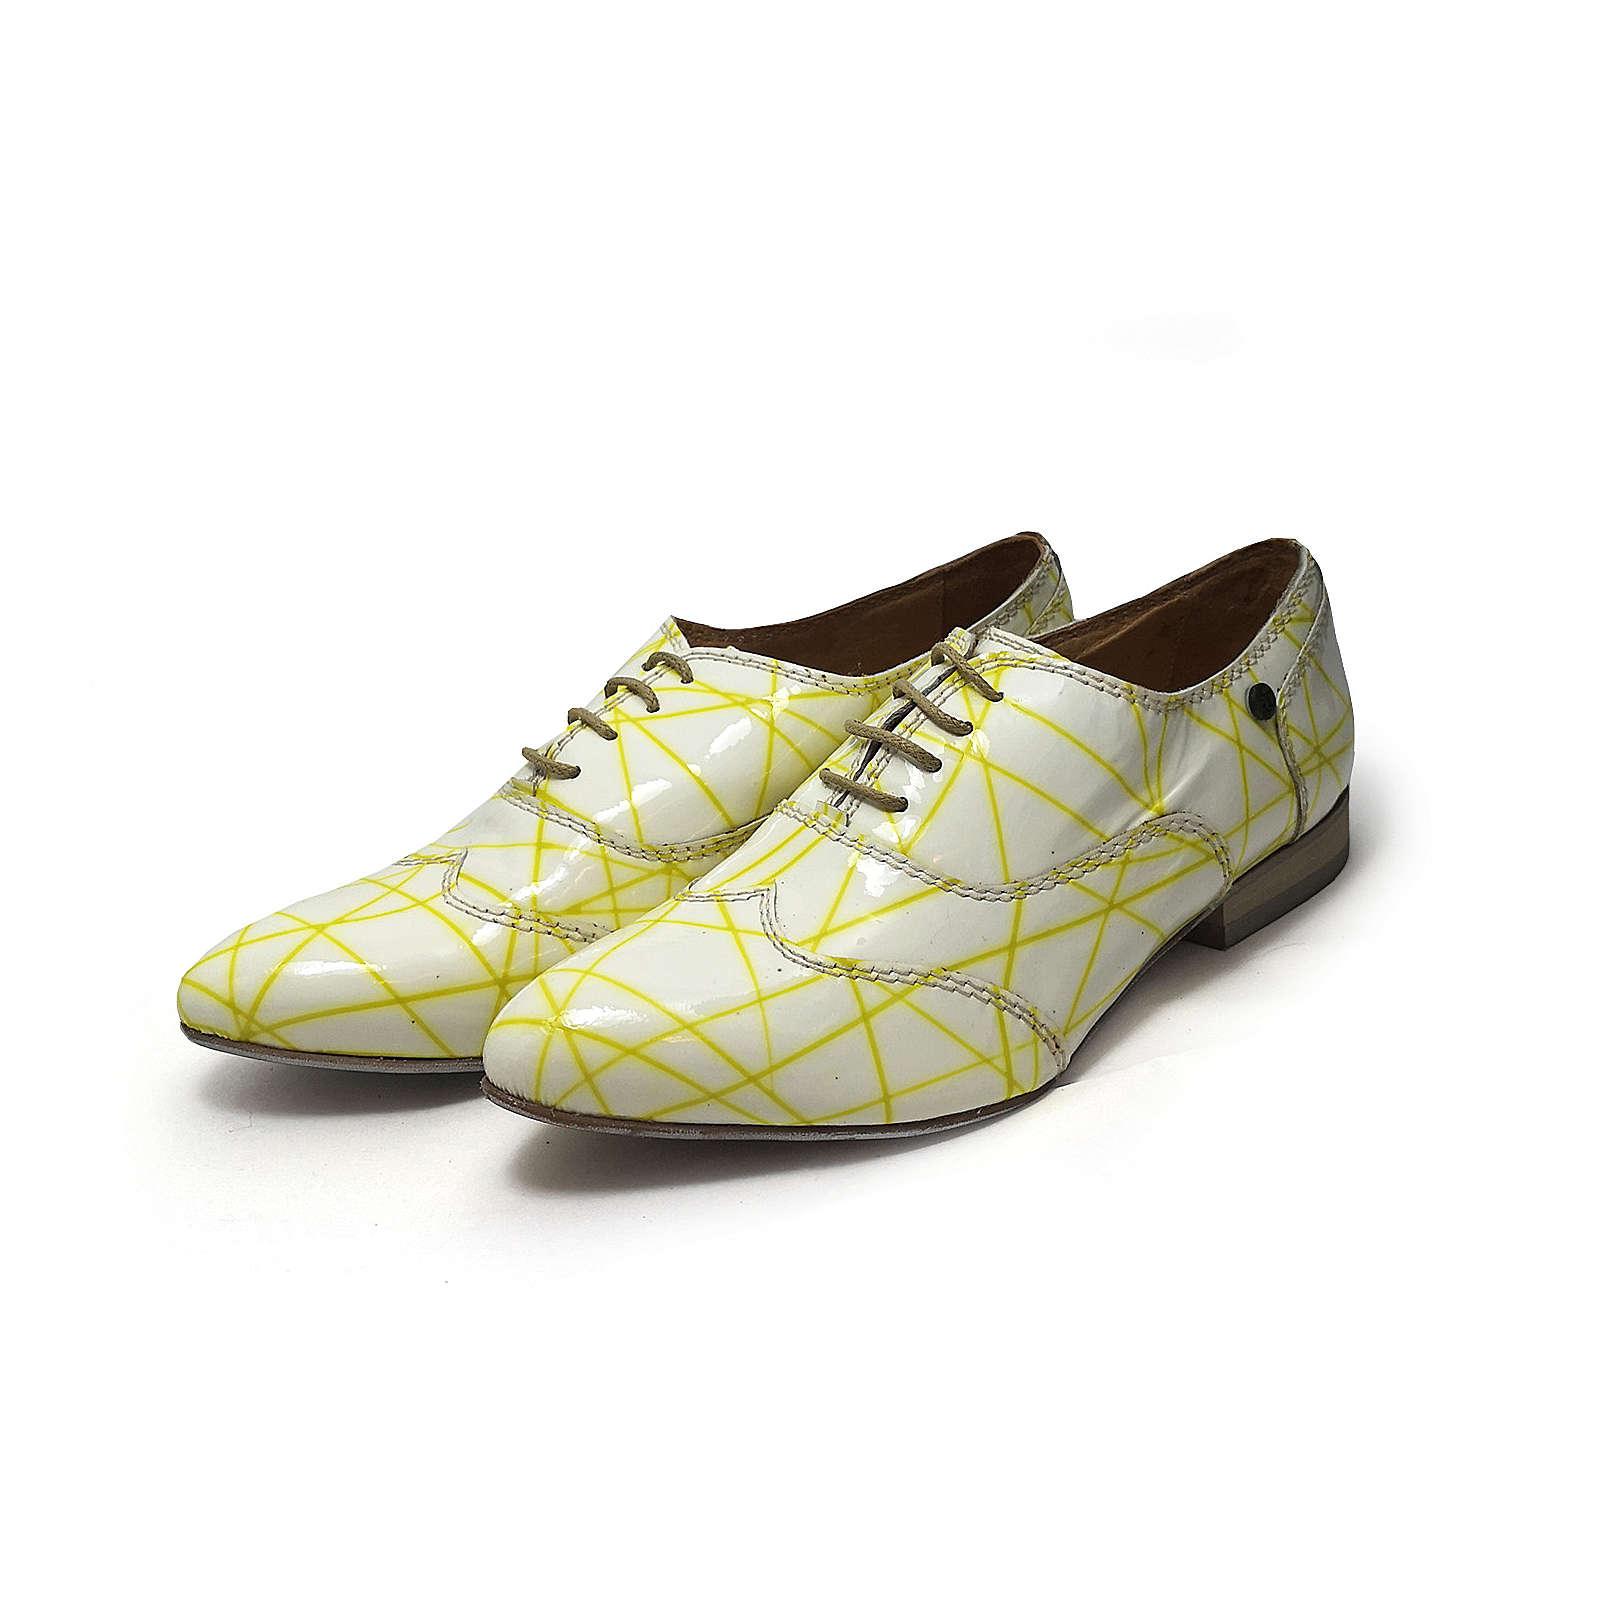 Tiggers® Tiggers Tiggers Biggi 01 a Business Schuh gelb Business-Schnürschuhe gelb/weiß Damen Gr. 36